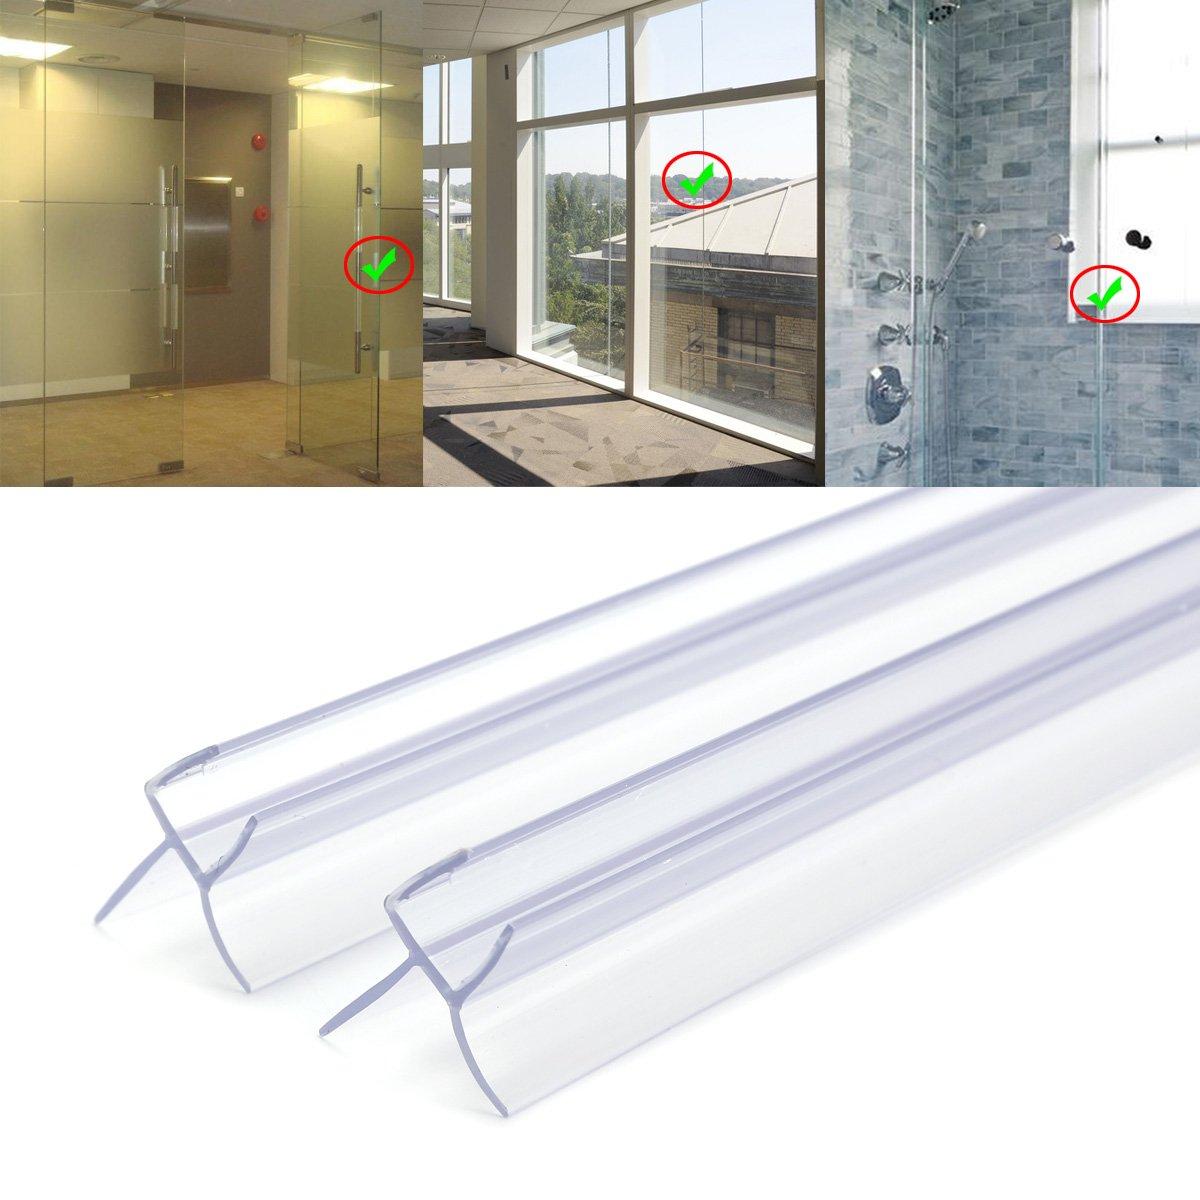 /Cabina de ducha Ducha Puerta de ducha Perfil de junta 2/x 90/cm Junta de repuesto para cristal de 8/mm grosor deflectores de agua Ducha Junta 72648/